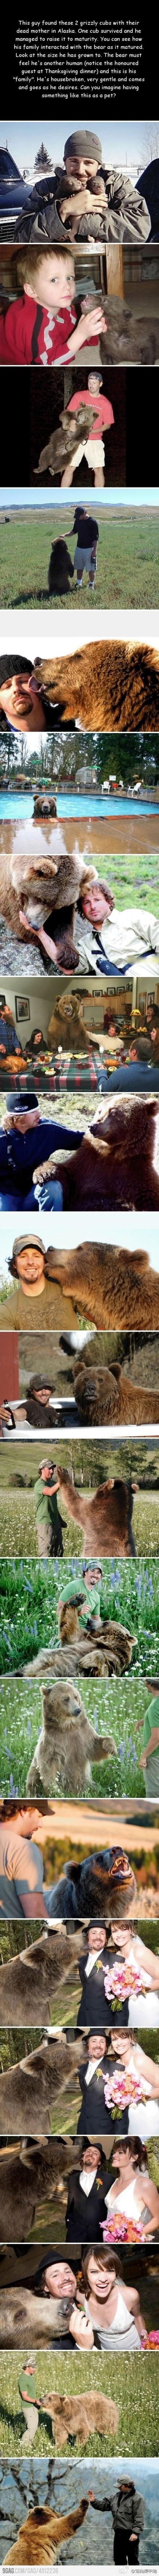 ooooh now i want a bear.